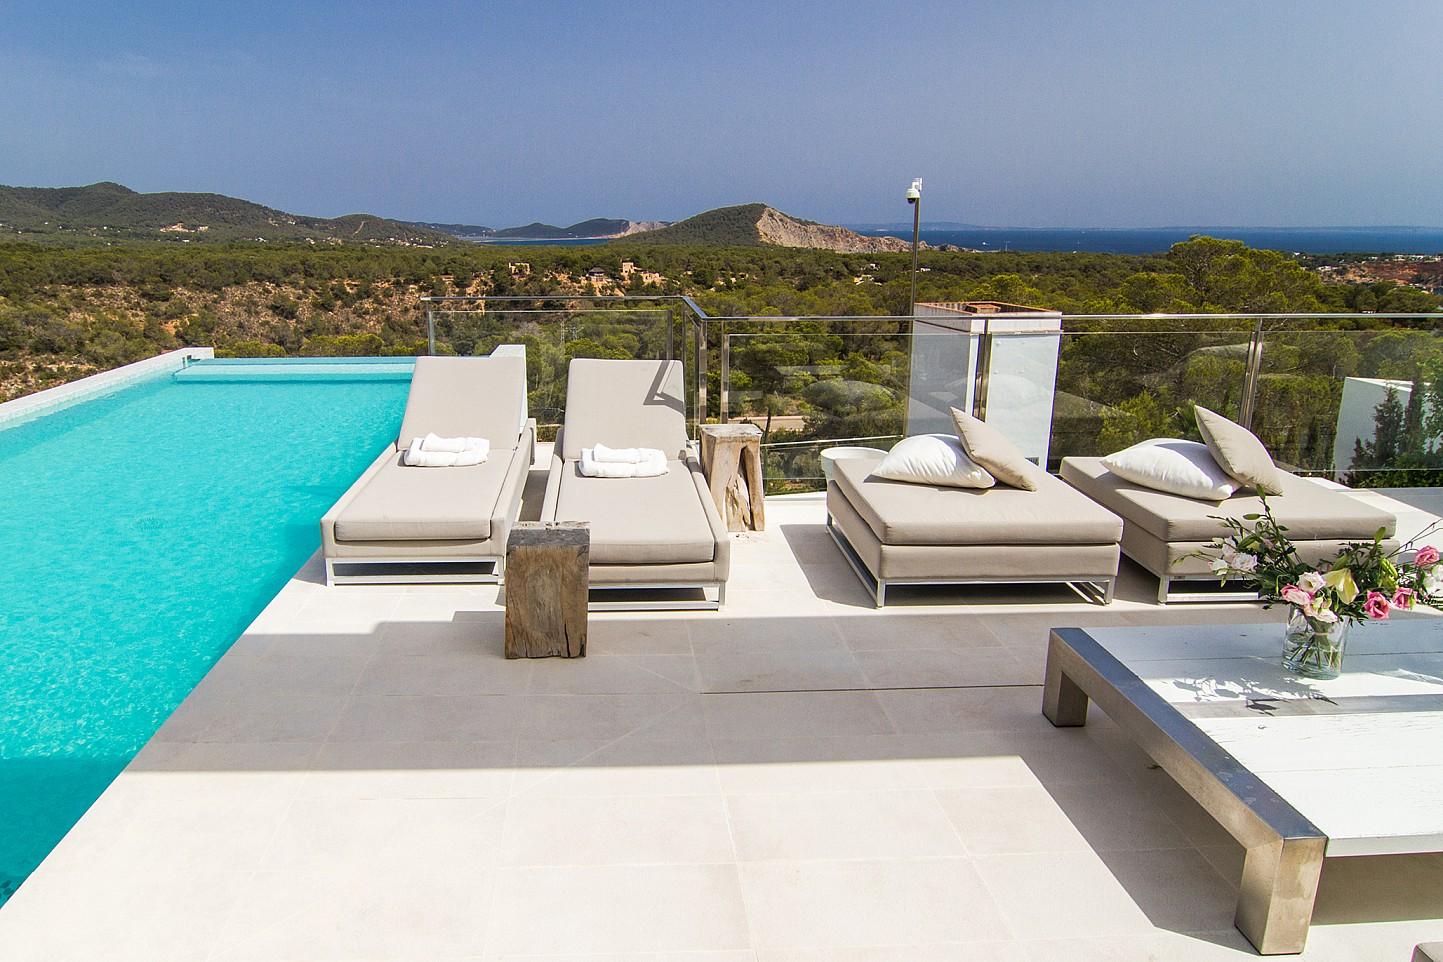 Terrassa solejada al costat de la piscina